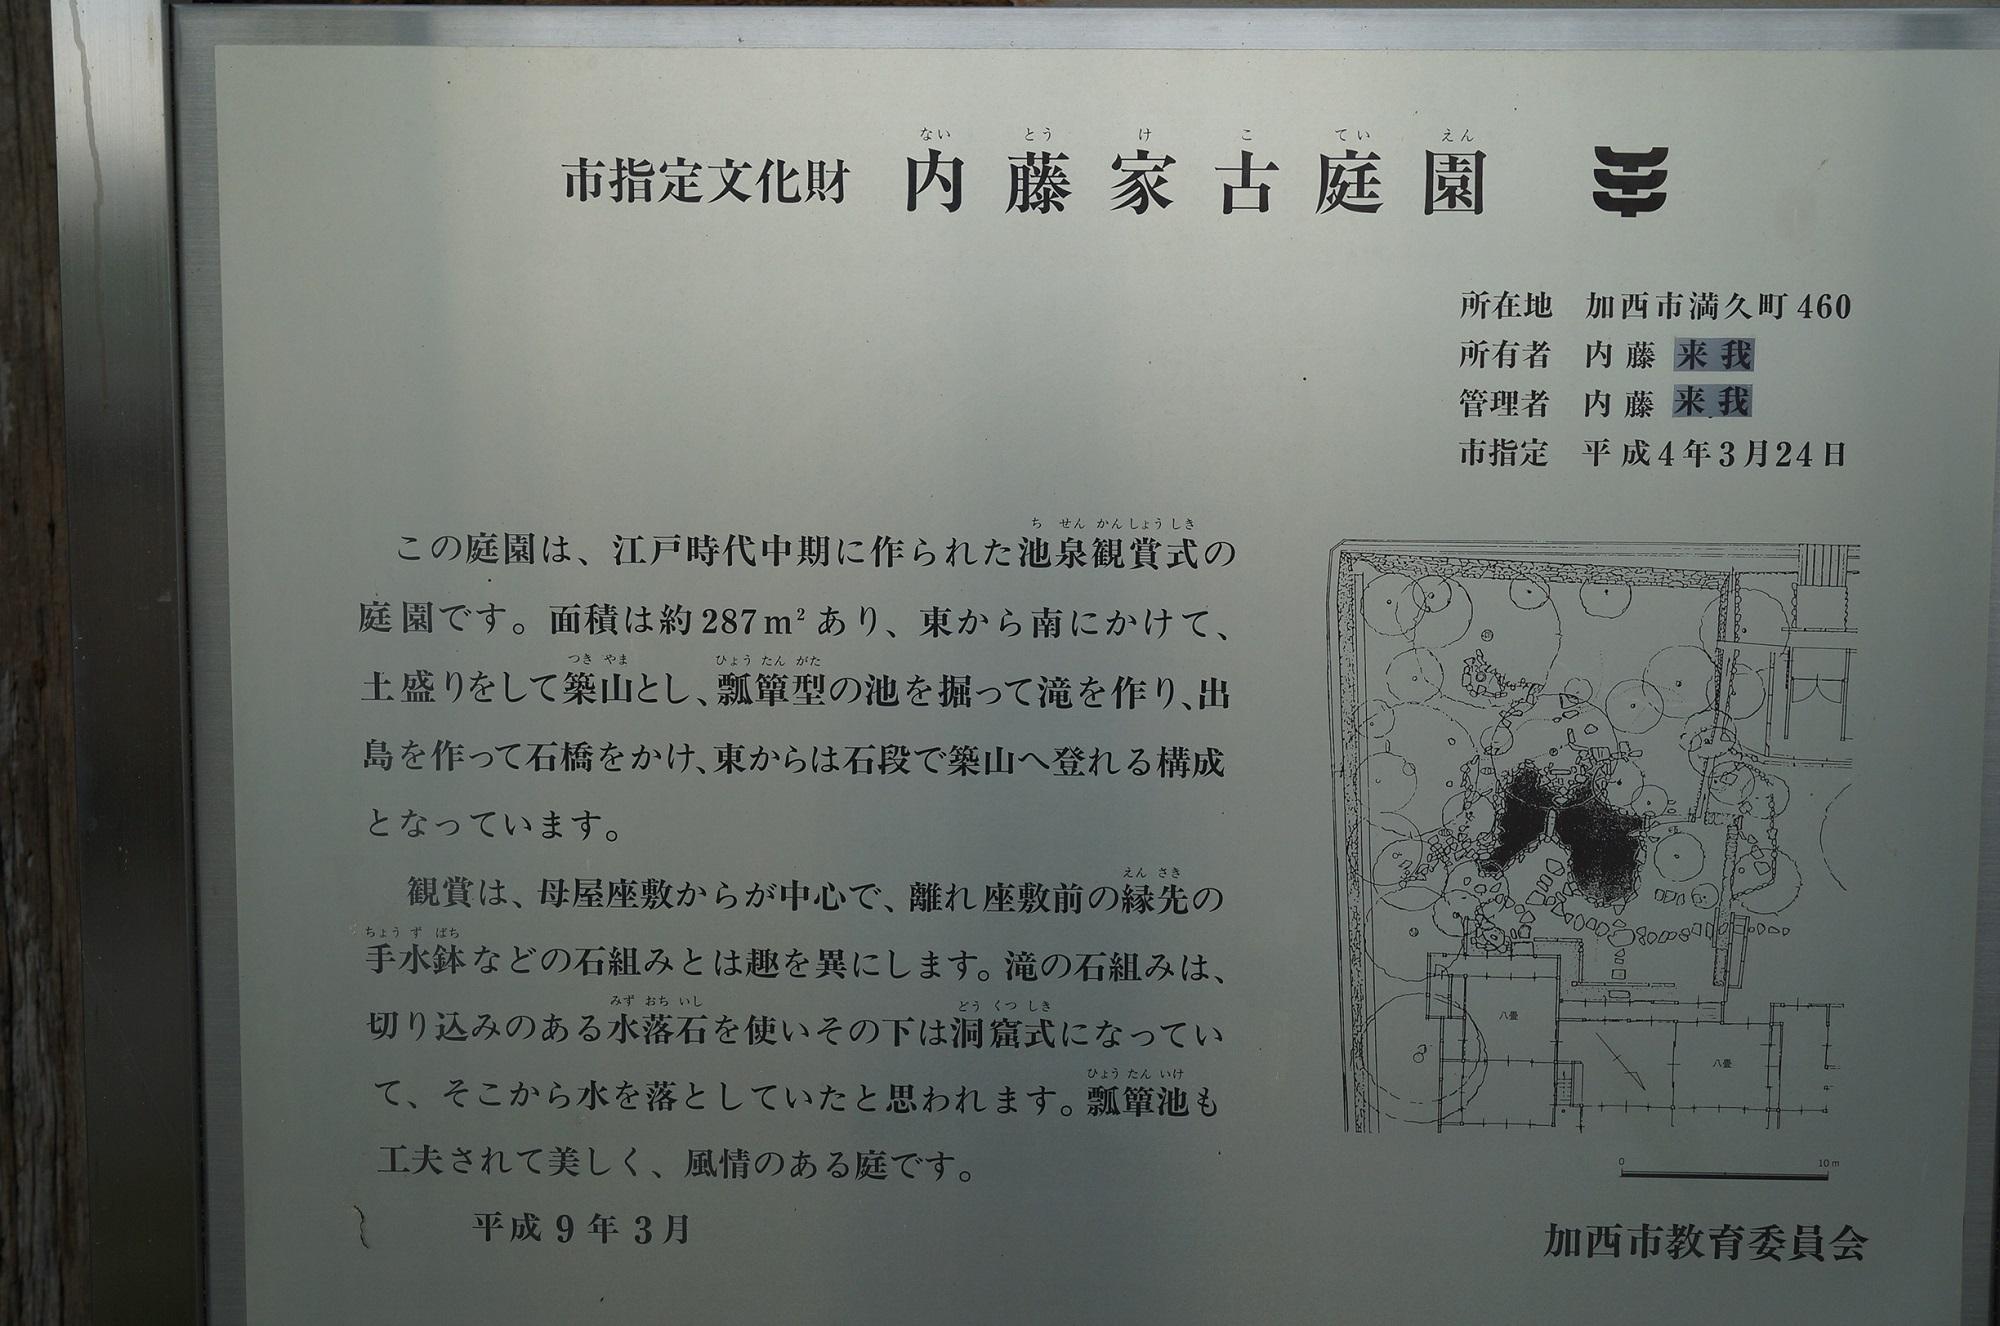 内藤氏屋敷跡 - なんとなく城跡巡り